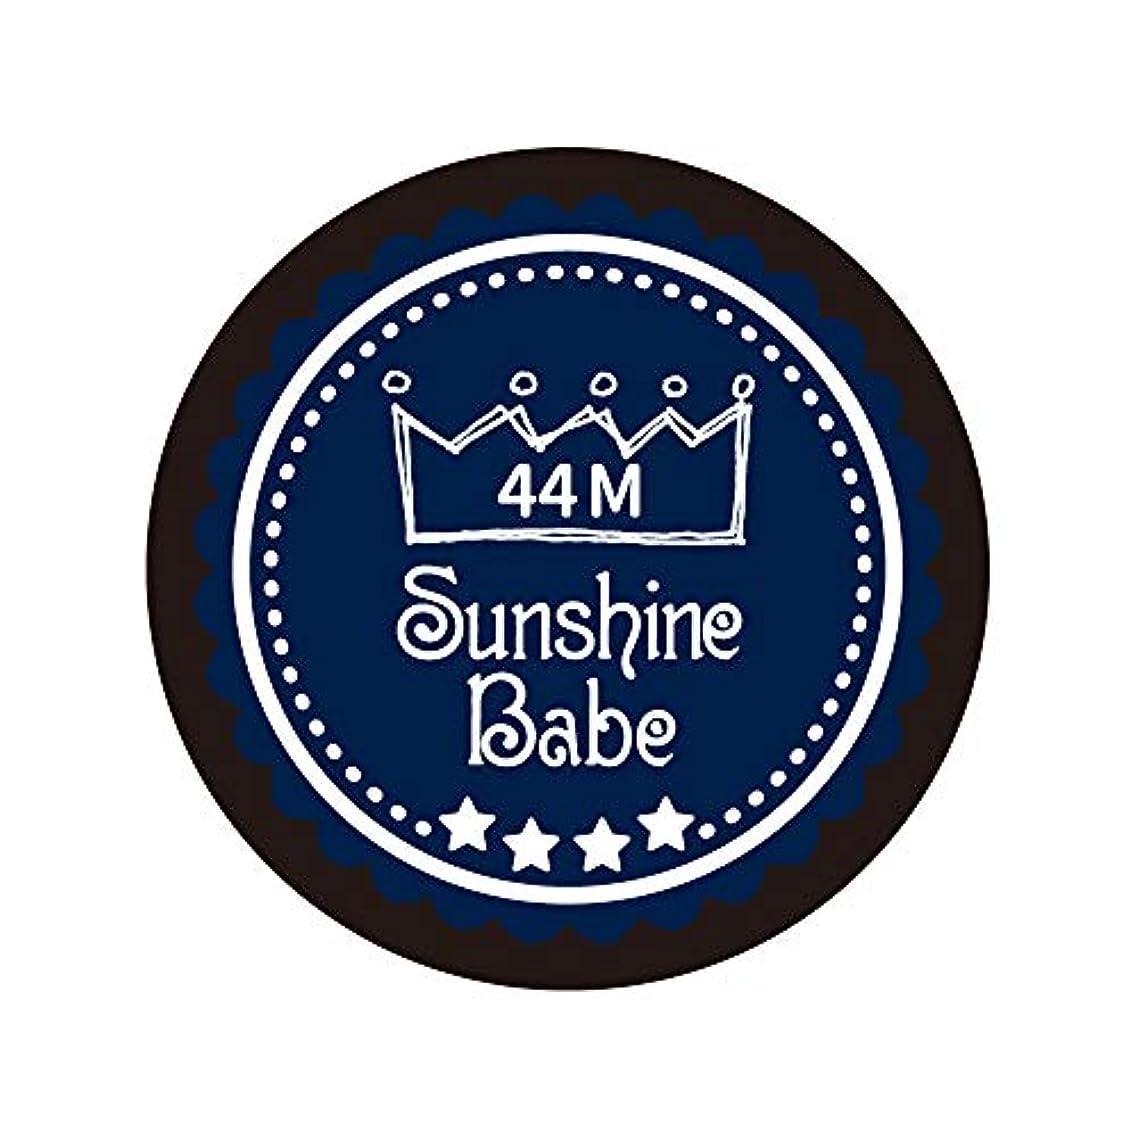 政治休みする必要があるSunshine Babe カラージェル 44M クラシックネイビー 4g UV/LED対応